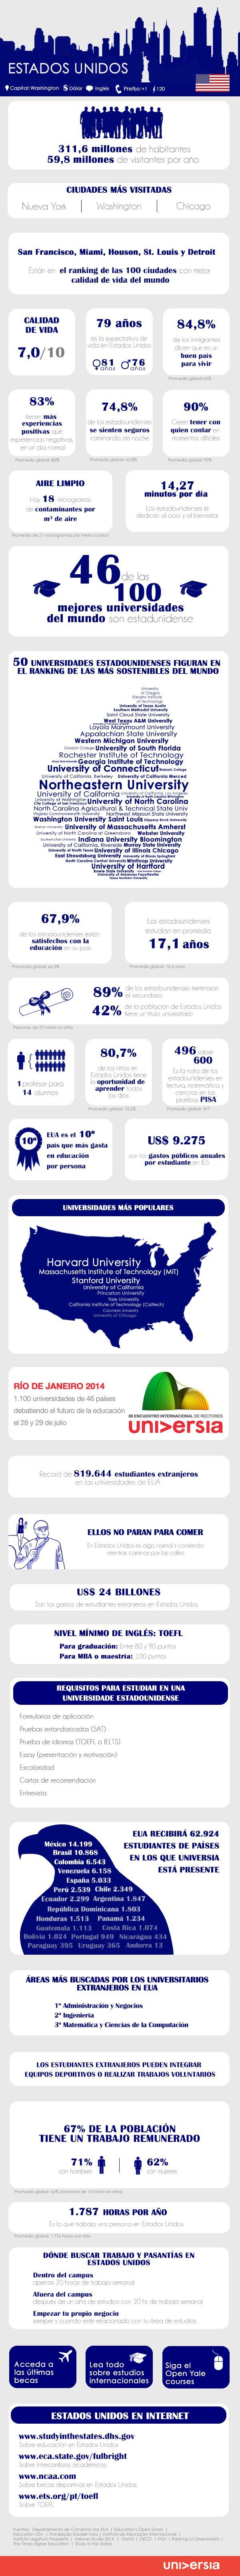 Infografía: 30 datos útiles para trabajar y estudiar en Estados Unidos Vía: http://noticias.universia.es